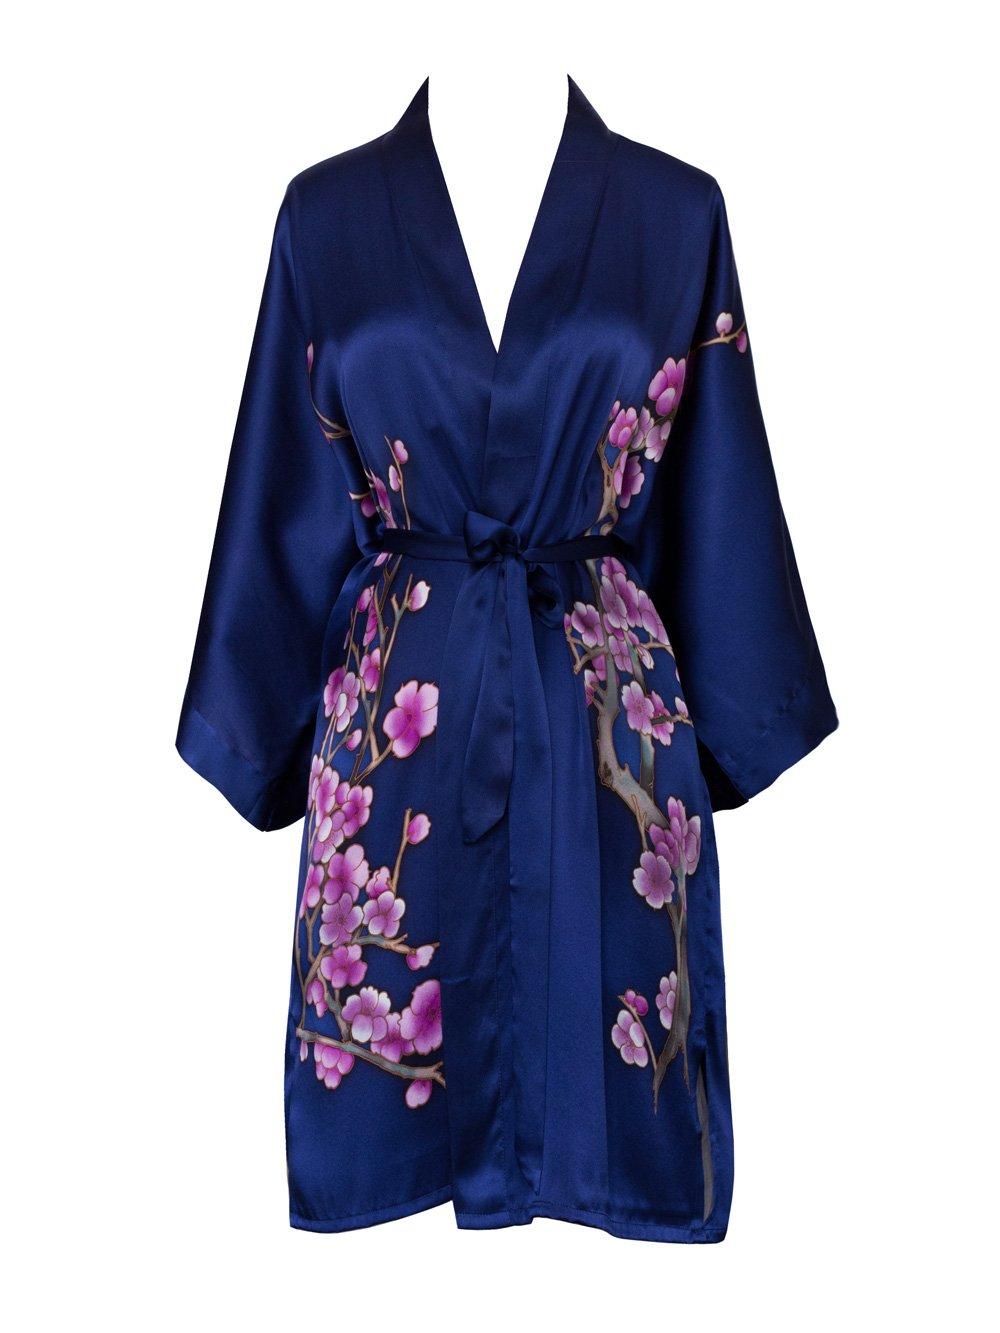 Old Shanghai Women's Silk Kimono Short Robe - Handpainted (Cherry Blossom Navy)